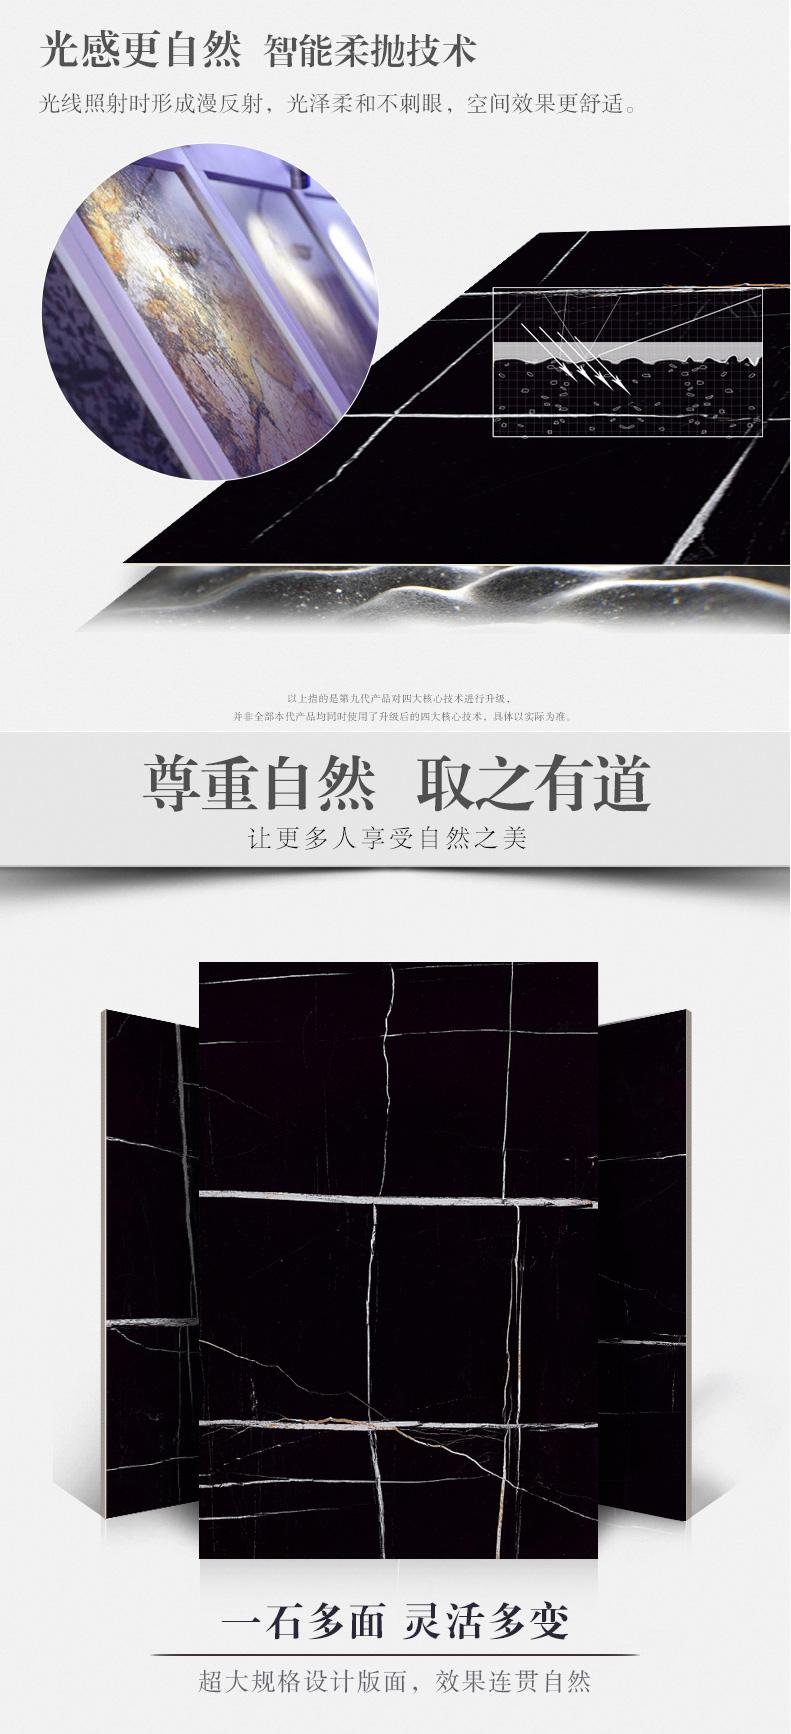 简一大理石瓷砖-劳伦斯金_10.jpg